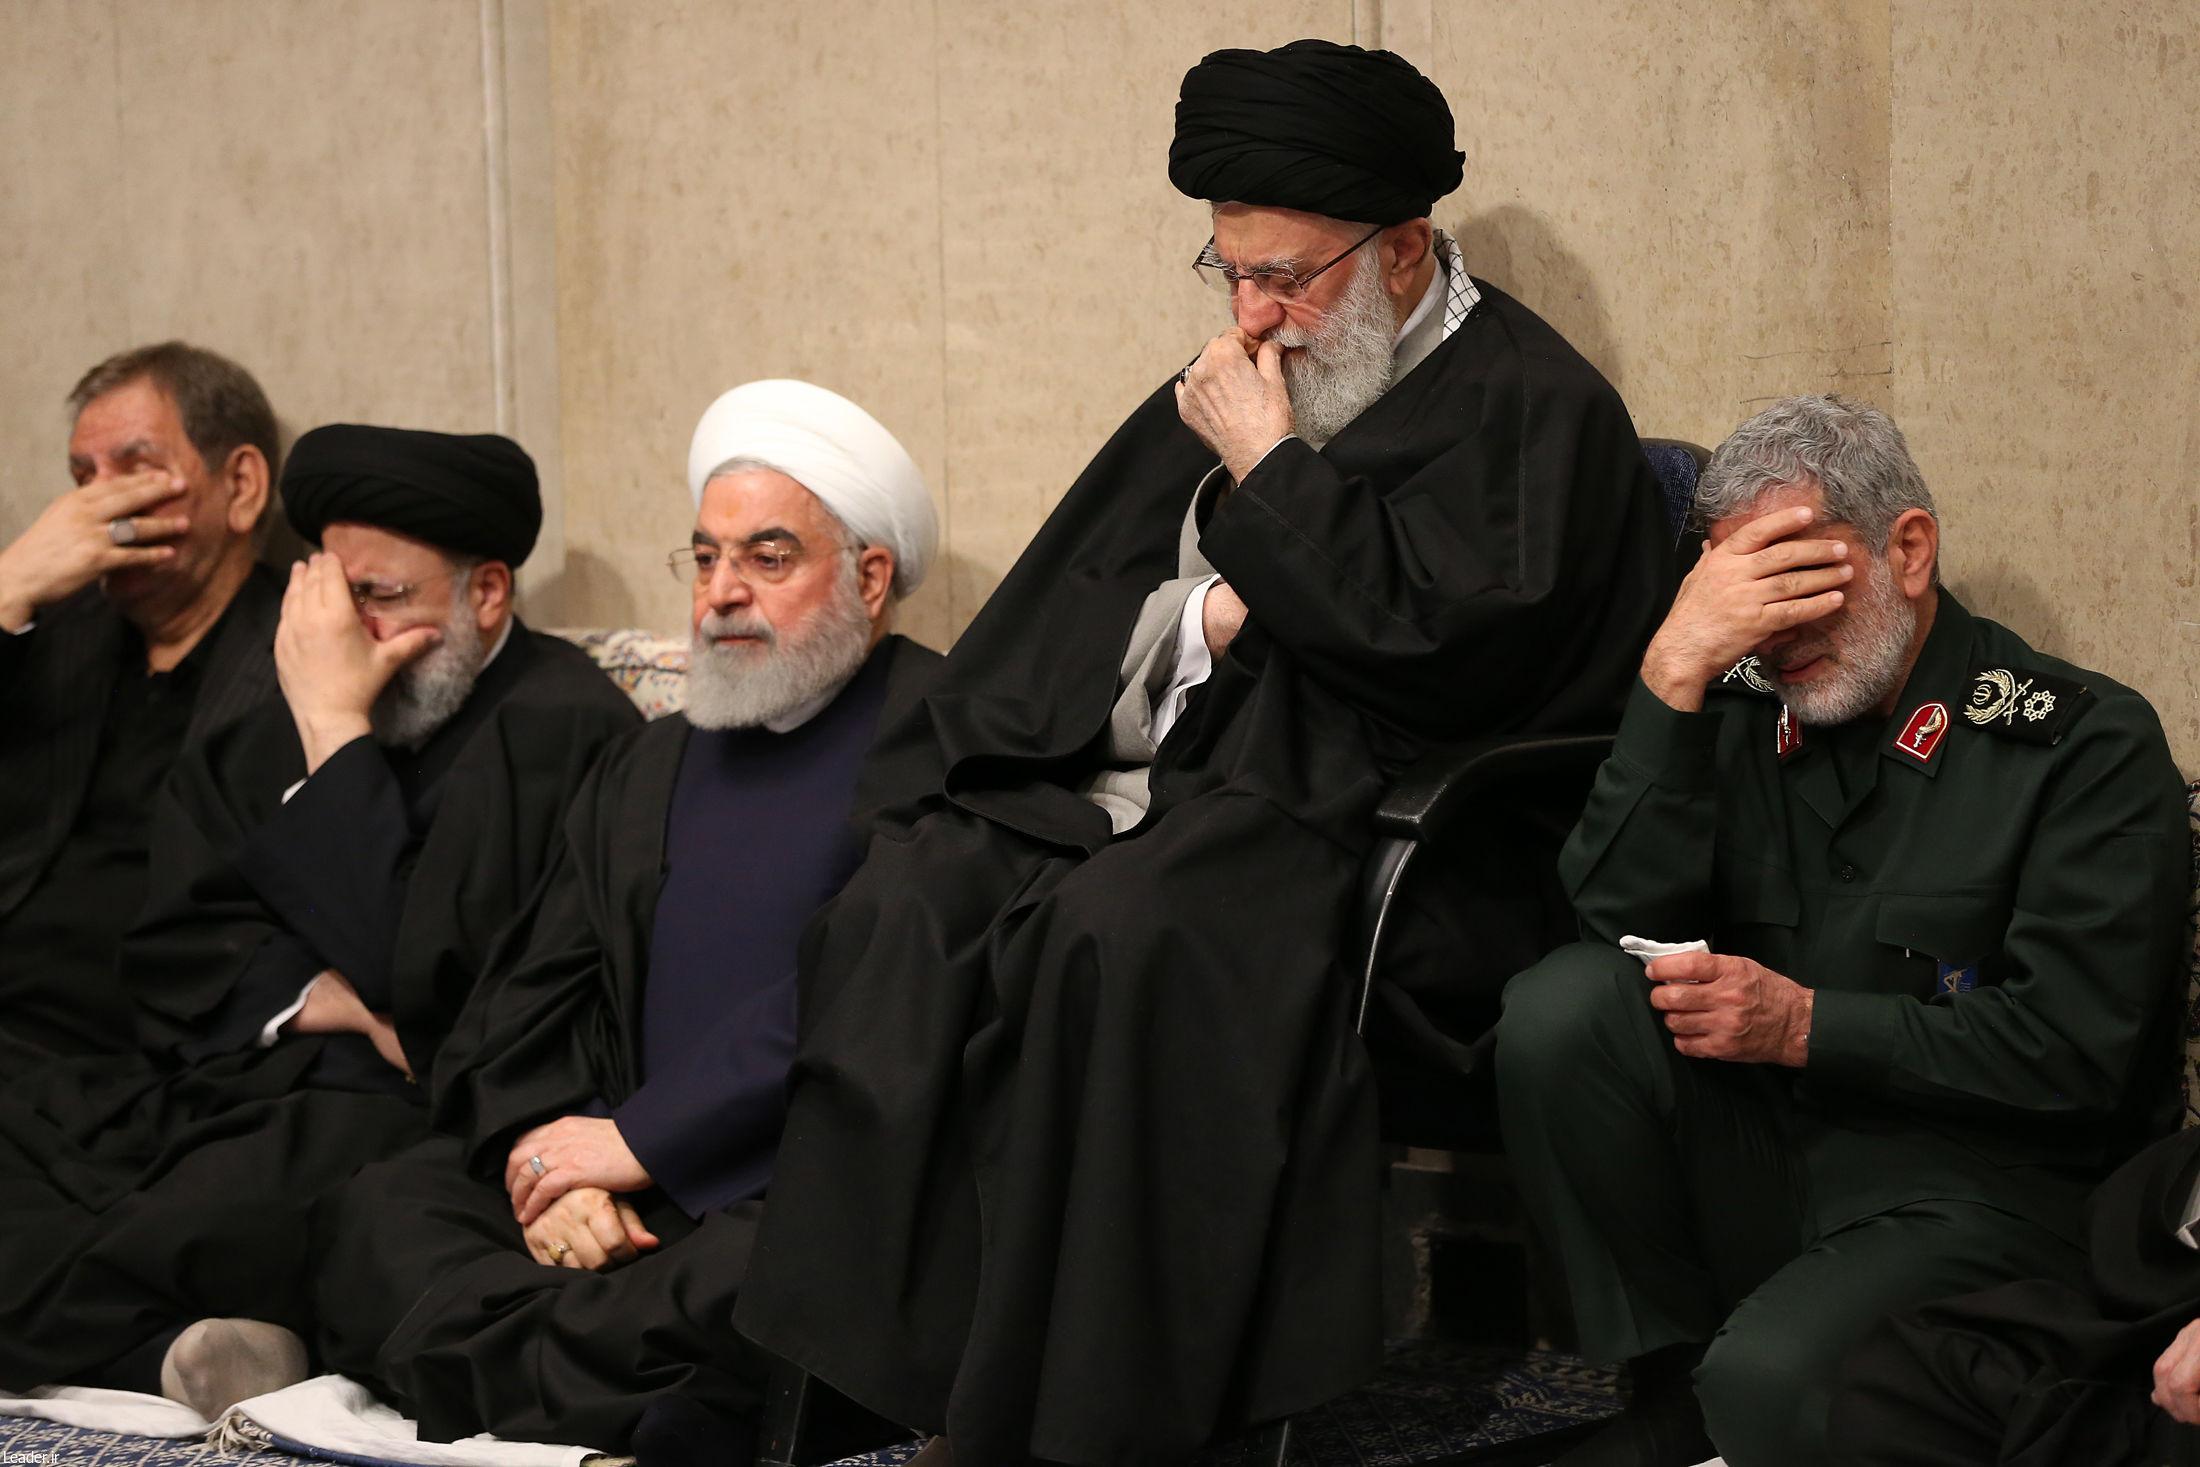 برگزاری مراسم بزرگداشت سردار سلیمانی و یارانش با حضور رهبر انقلاب